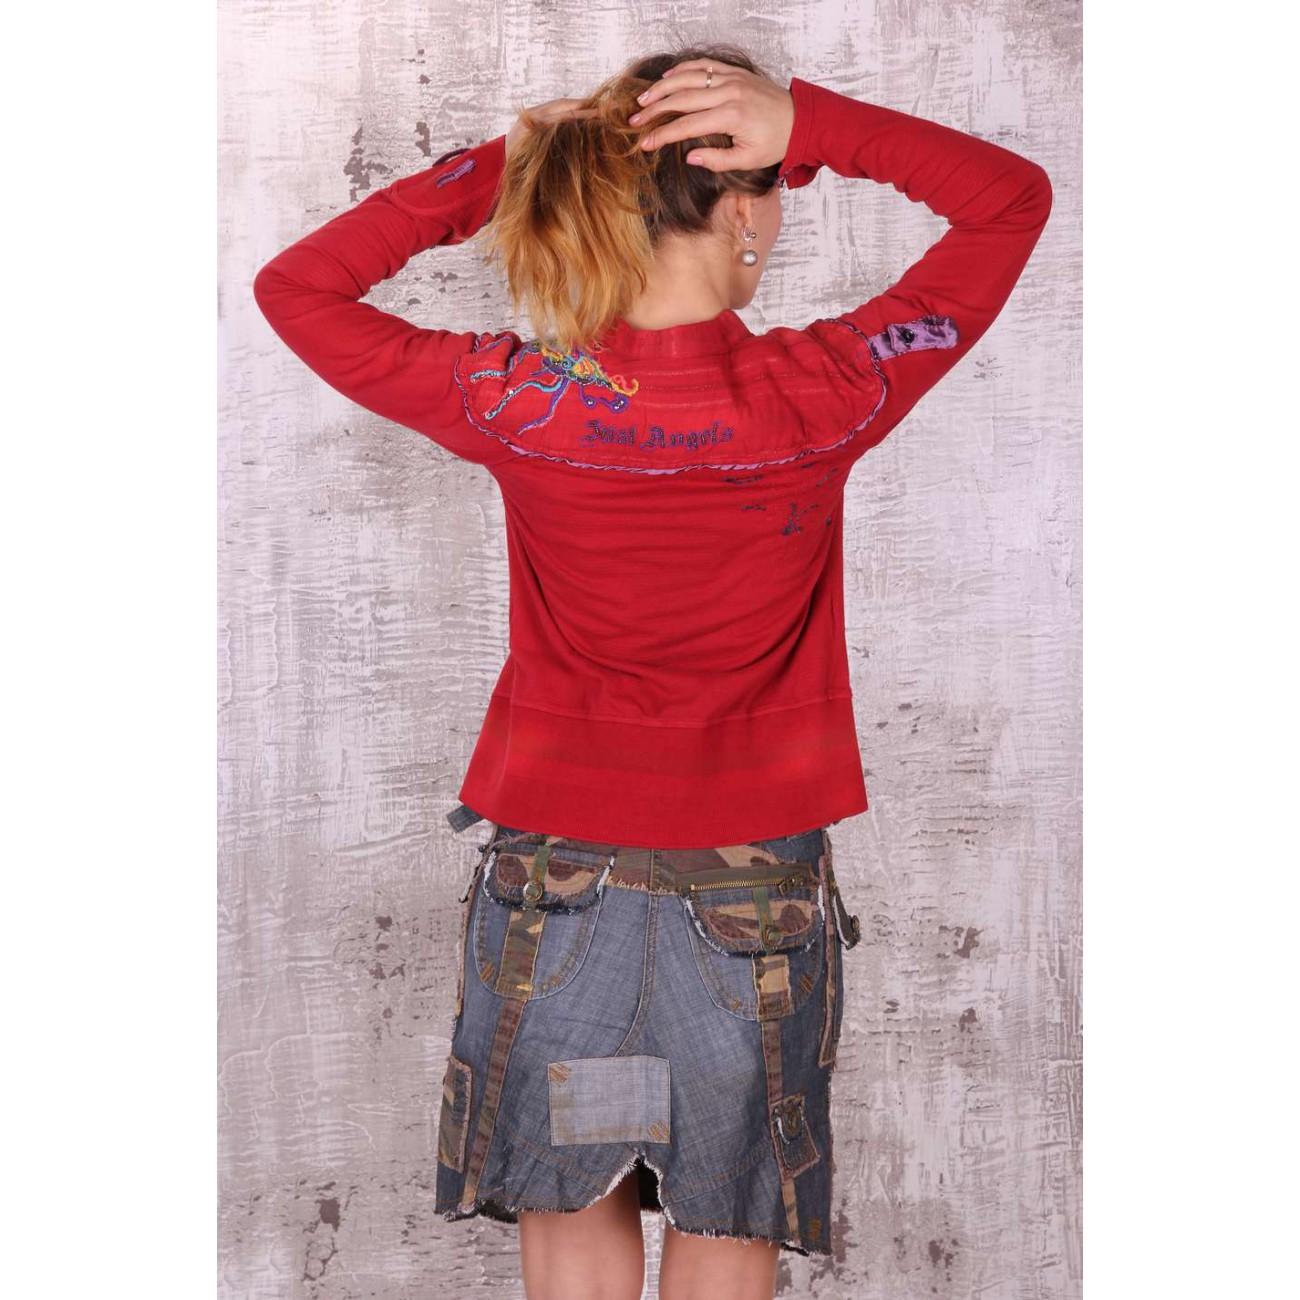 Рубашка из комбинированных трикотажных хлопковых тканей с оригинальной вышивкой